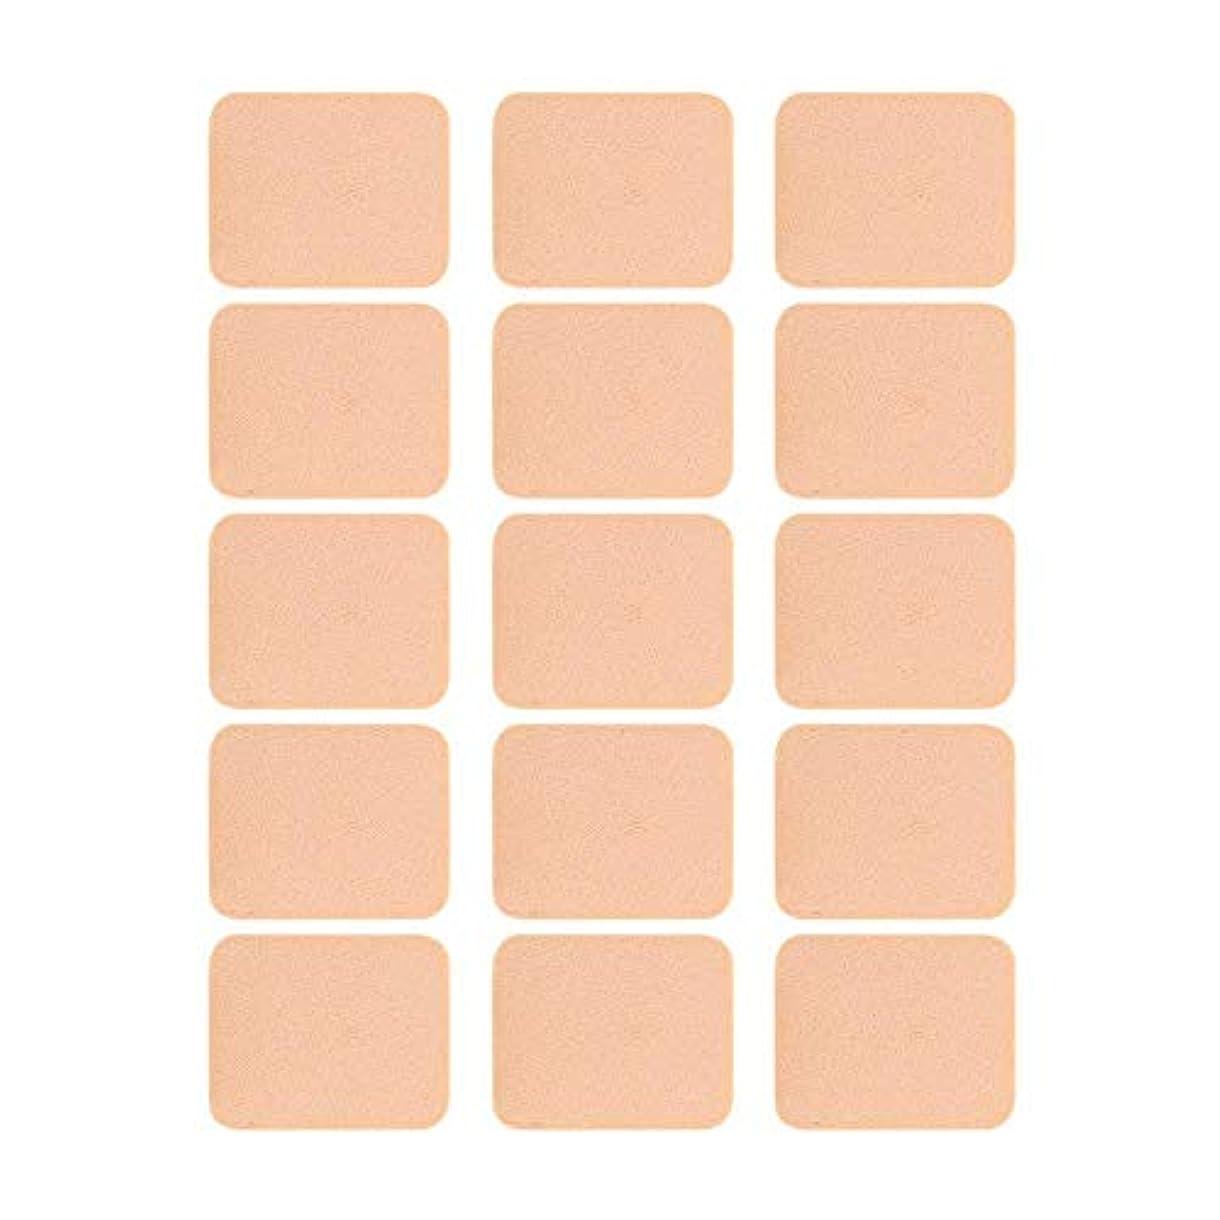 波ゴミ箱肯定的15個入 化粧道具エアパフエアクッションパフ クリーム 乾湿兼用 スポンジパフセット フェイシャル